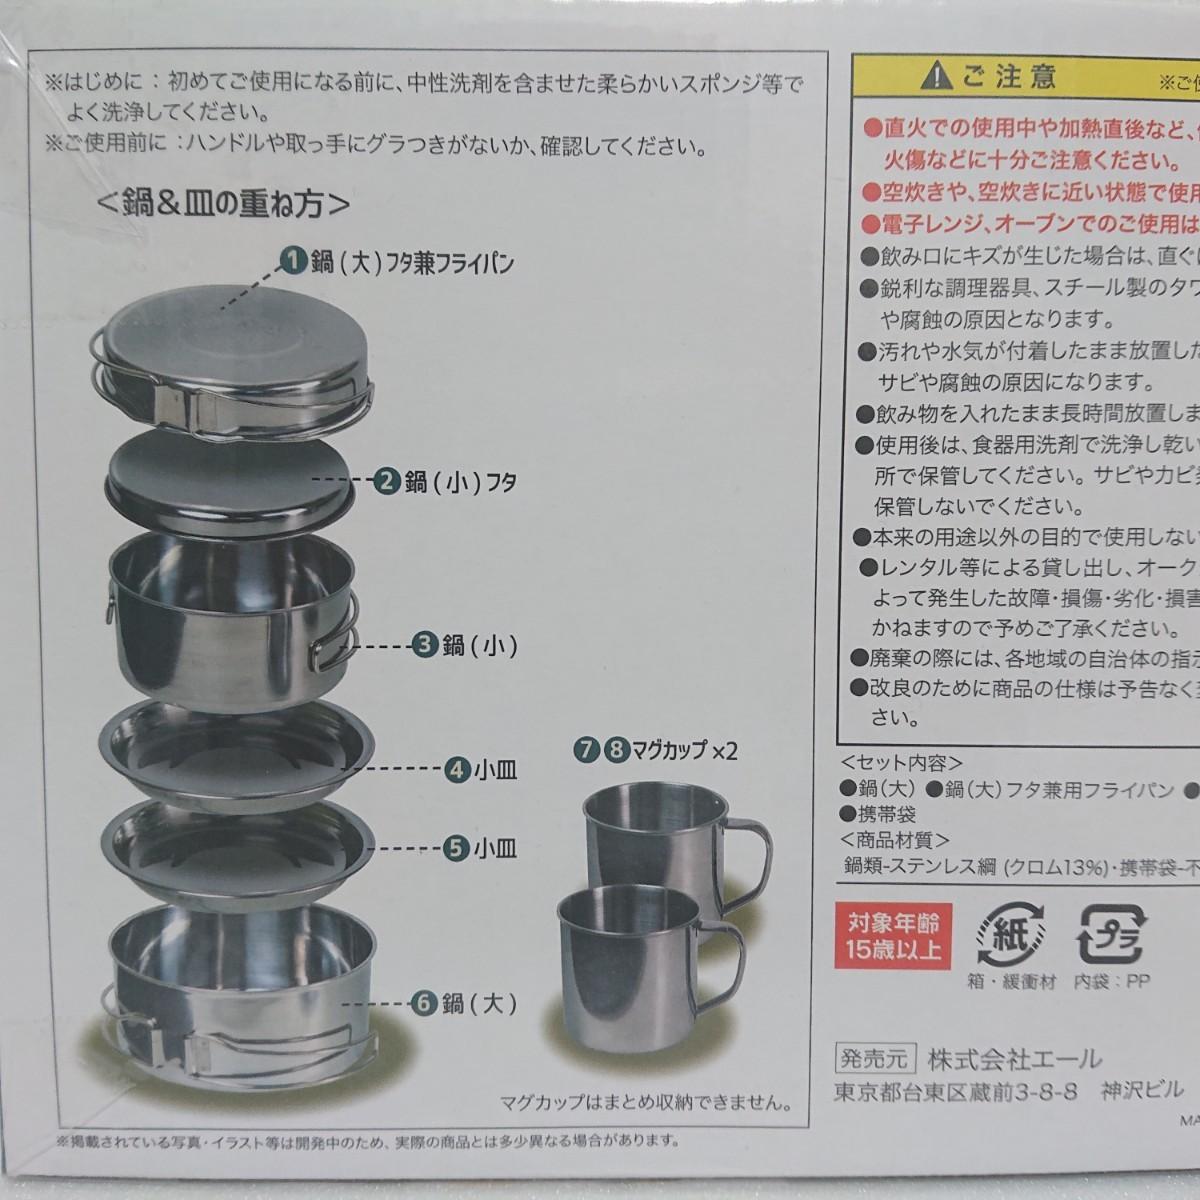 【4箱セット】キャンプ用鍋8点セット アウトドアクッカー 鍋&皿&マグカップ&収納袋  キャンプ/アウトドア/非常用に